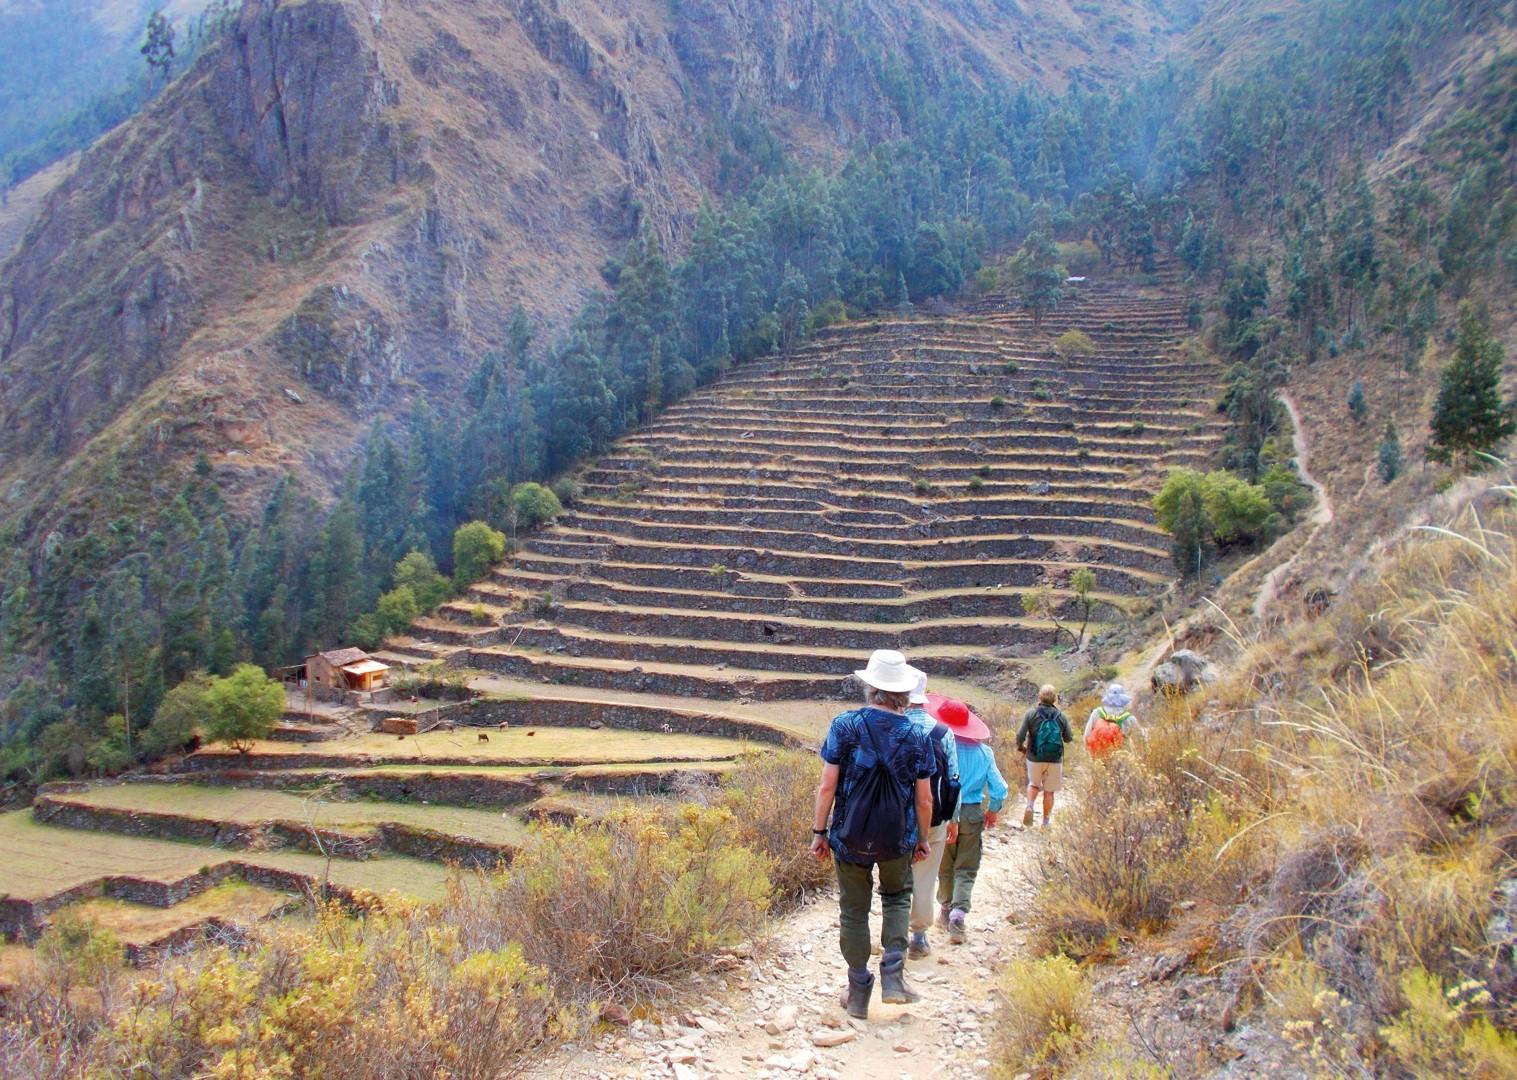 Peru Inca Trails .jpg - Inca Trails in Peru - Meet the People Tours